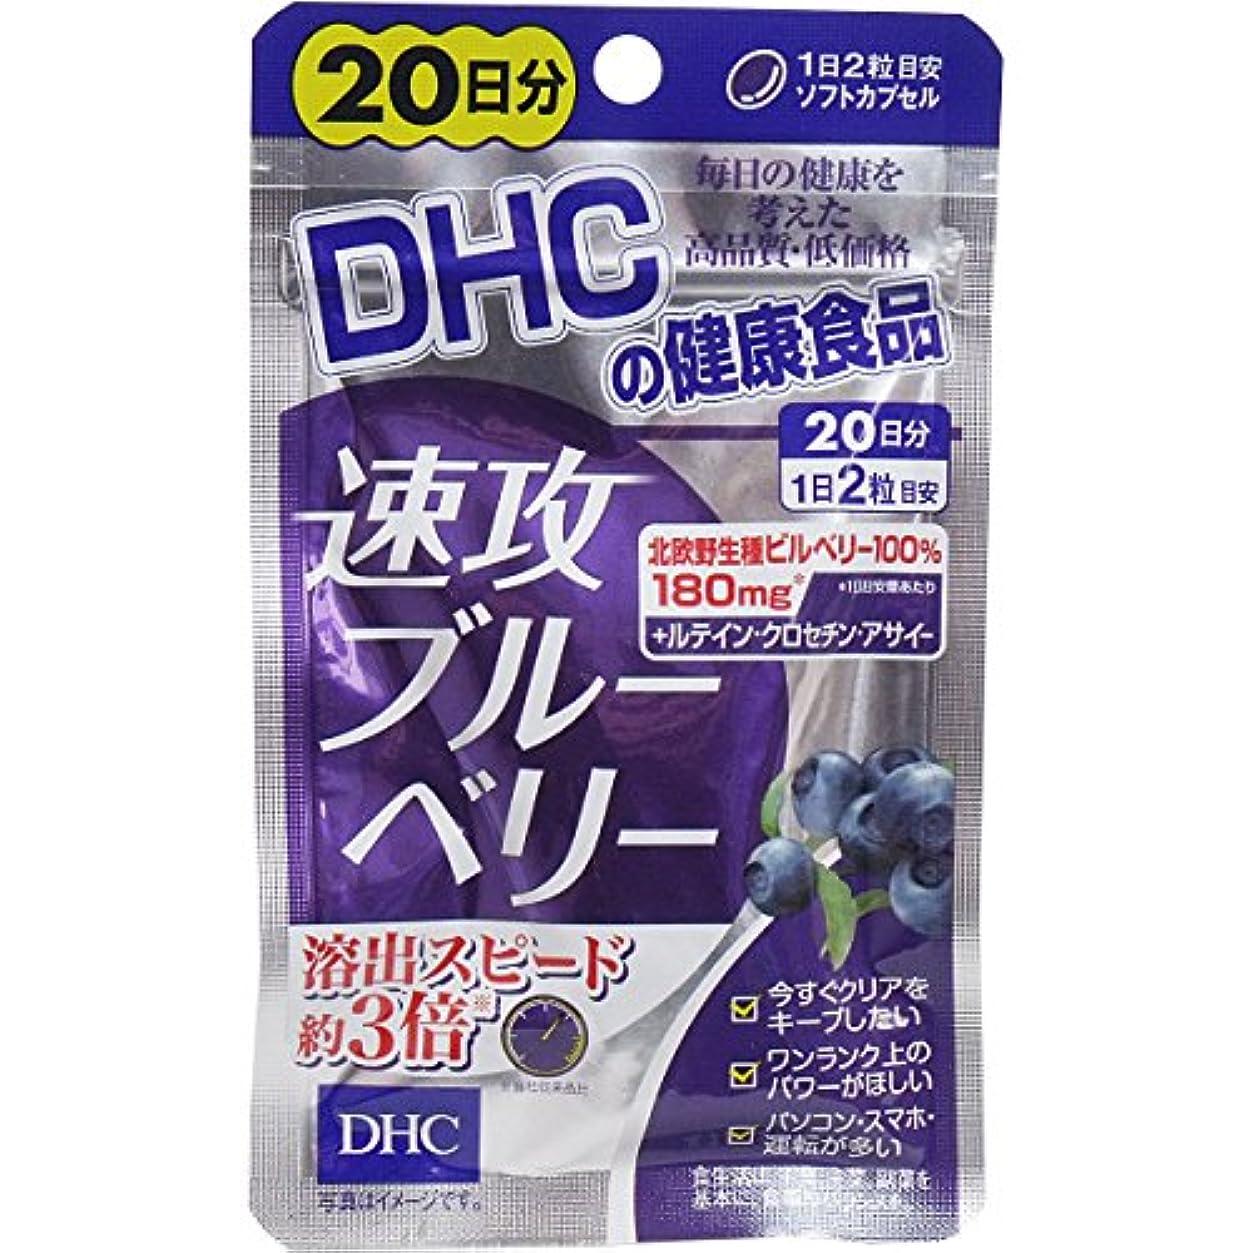 寛容なトランスペアレントボーダーDHC 速攻ブルーベリー 20日分 40粒【3個セット】